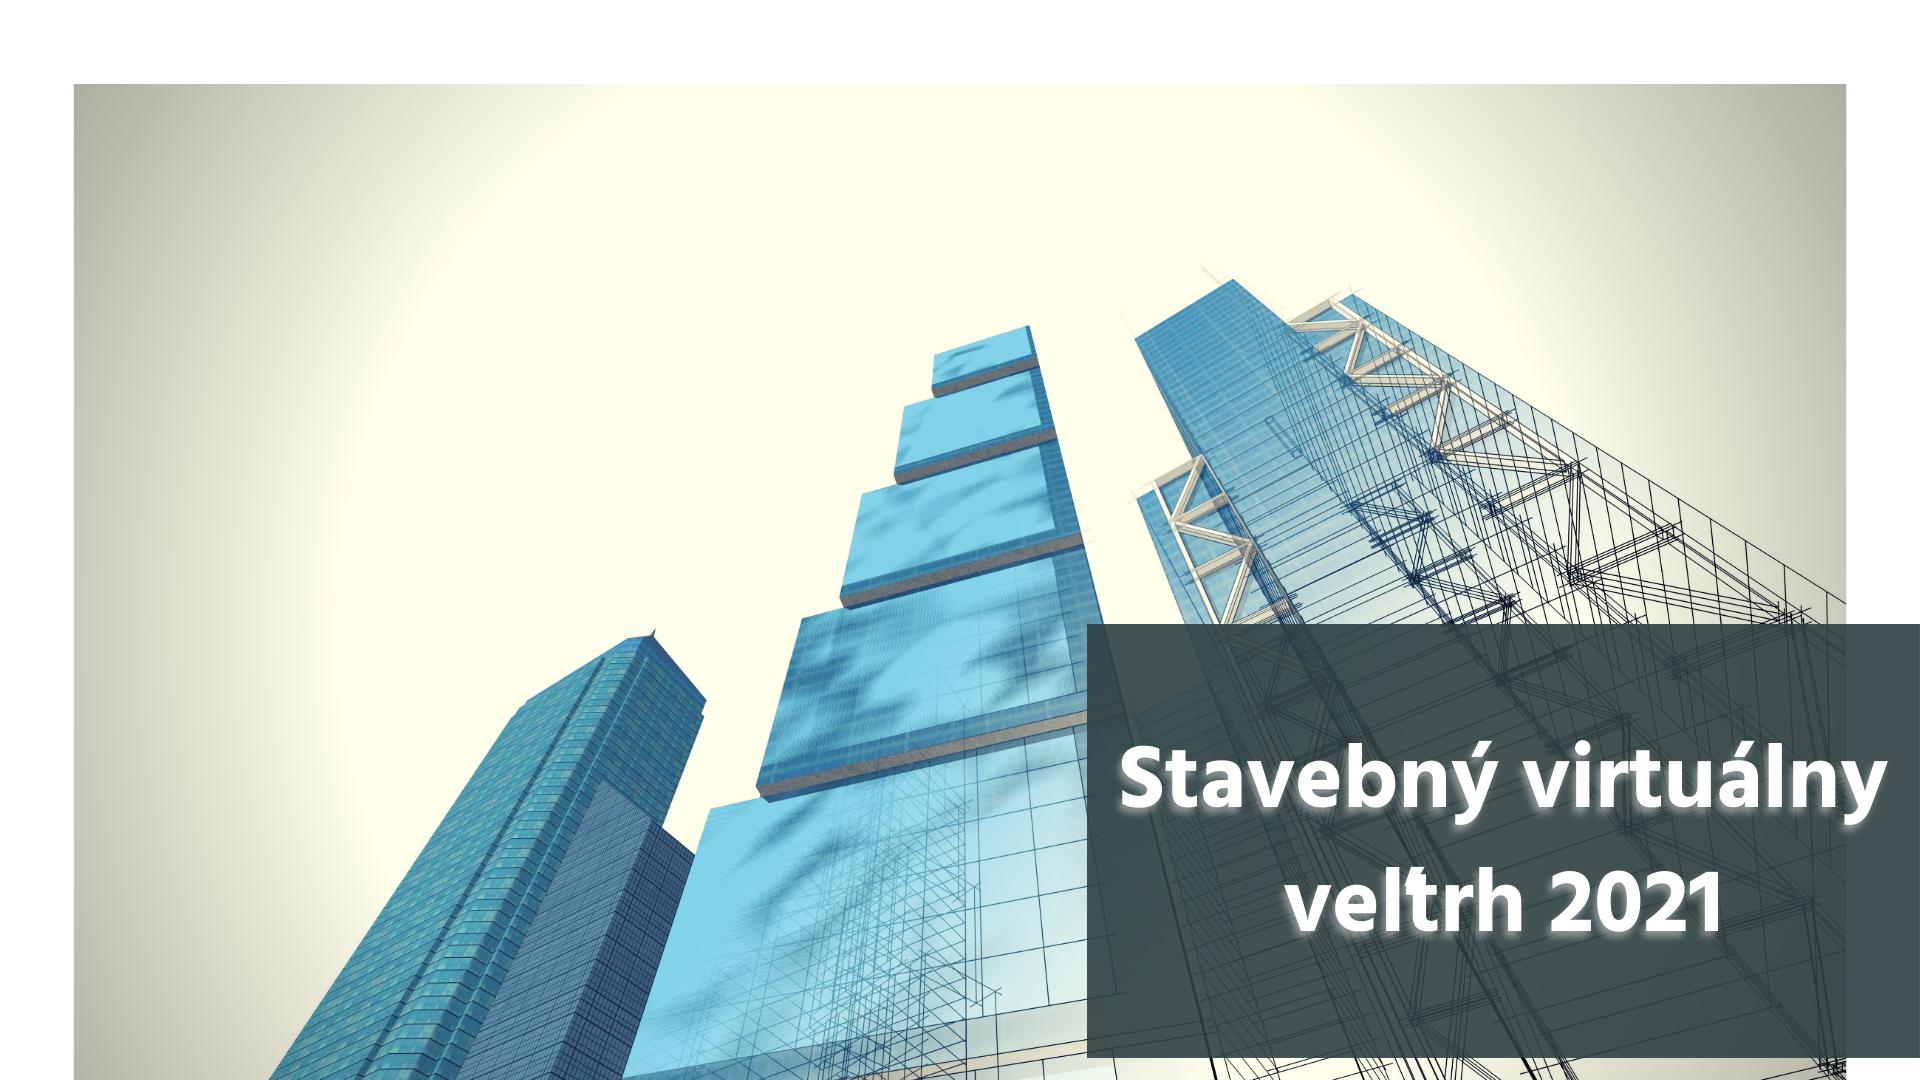 Stavebný virtuálny veľtrh